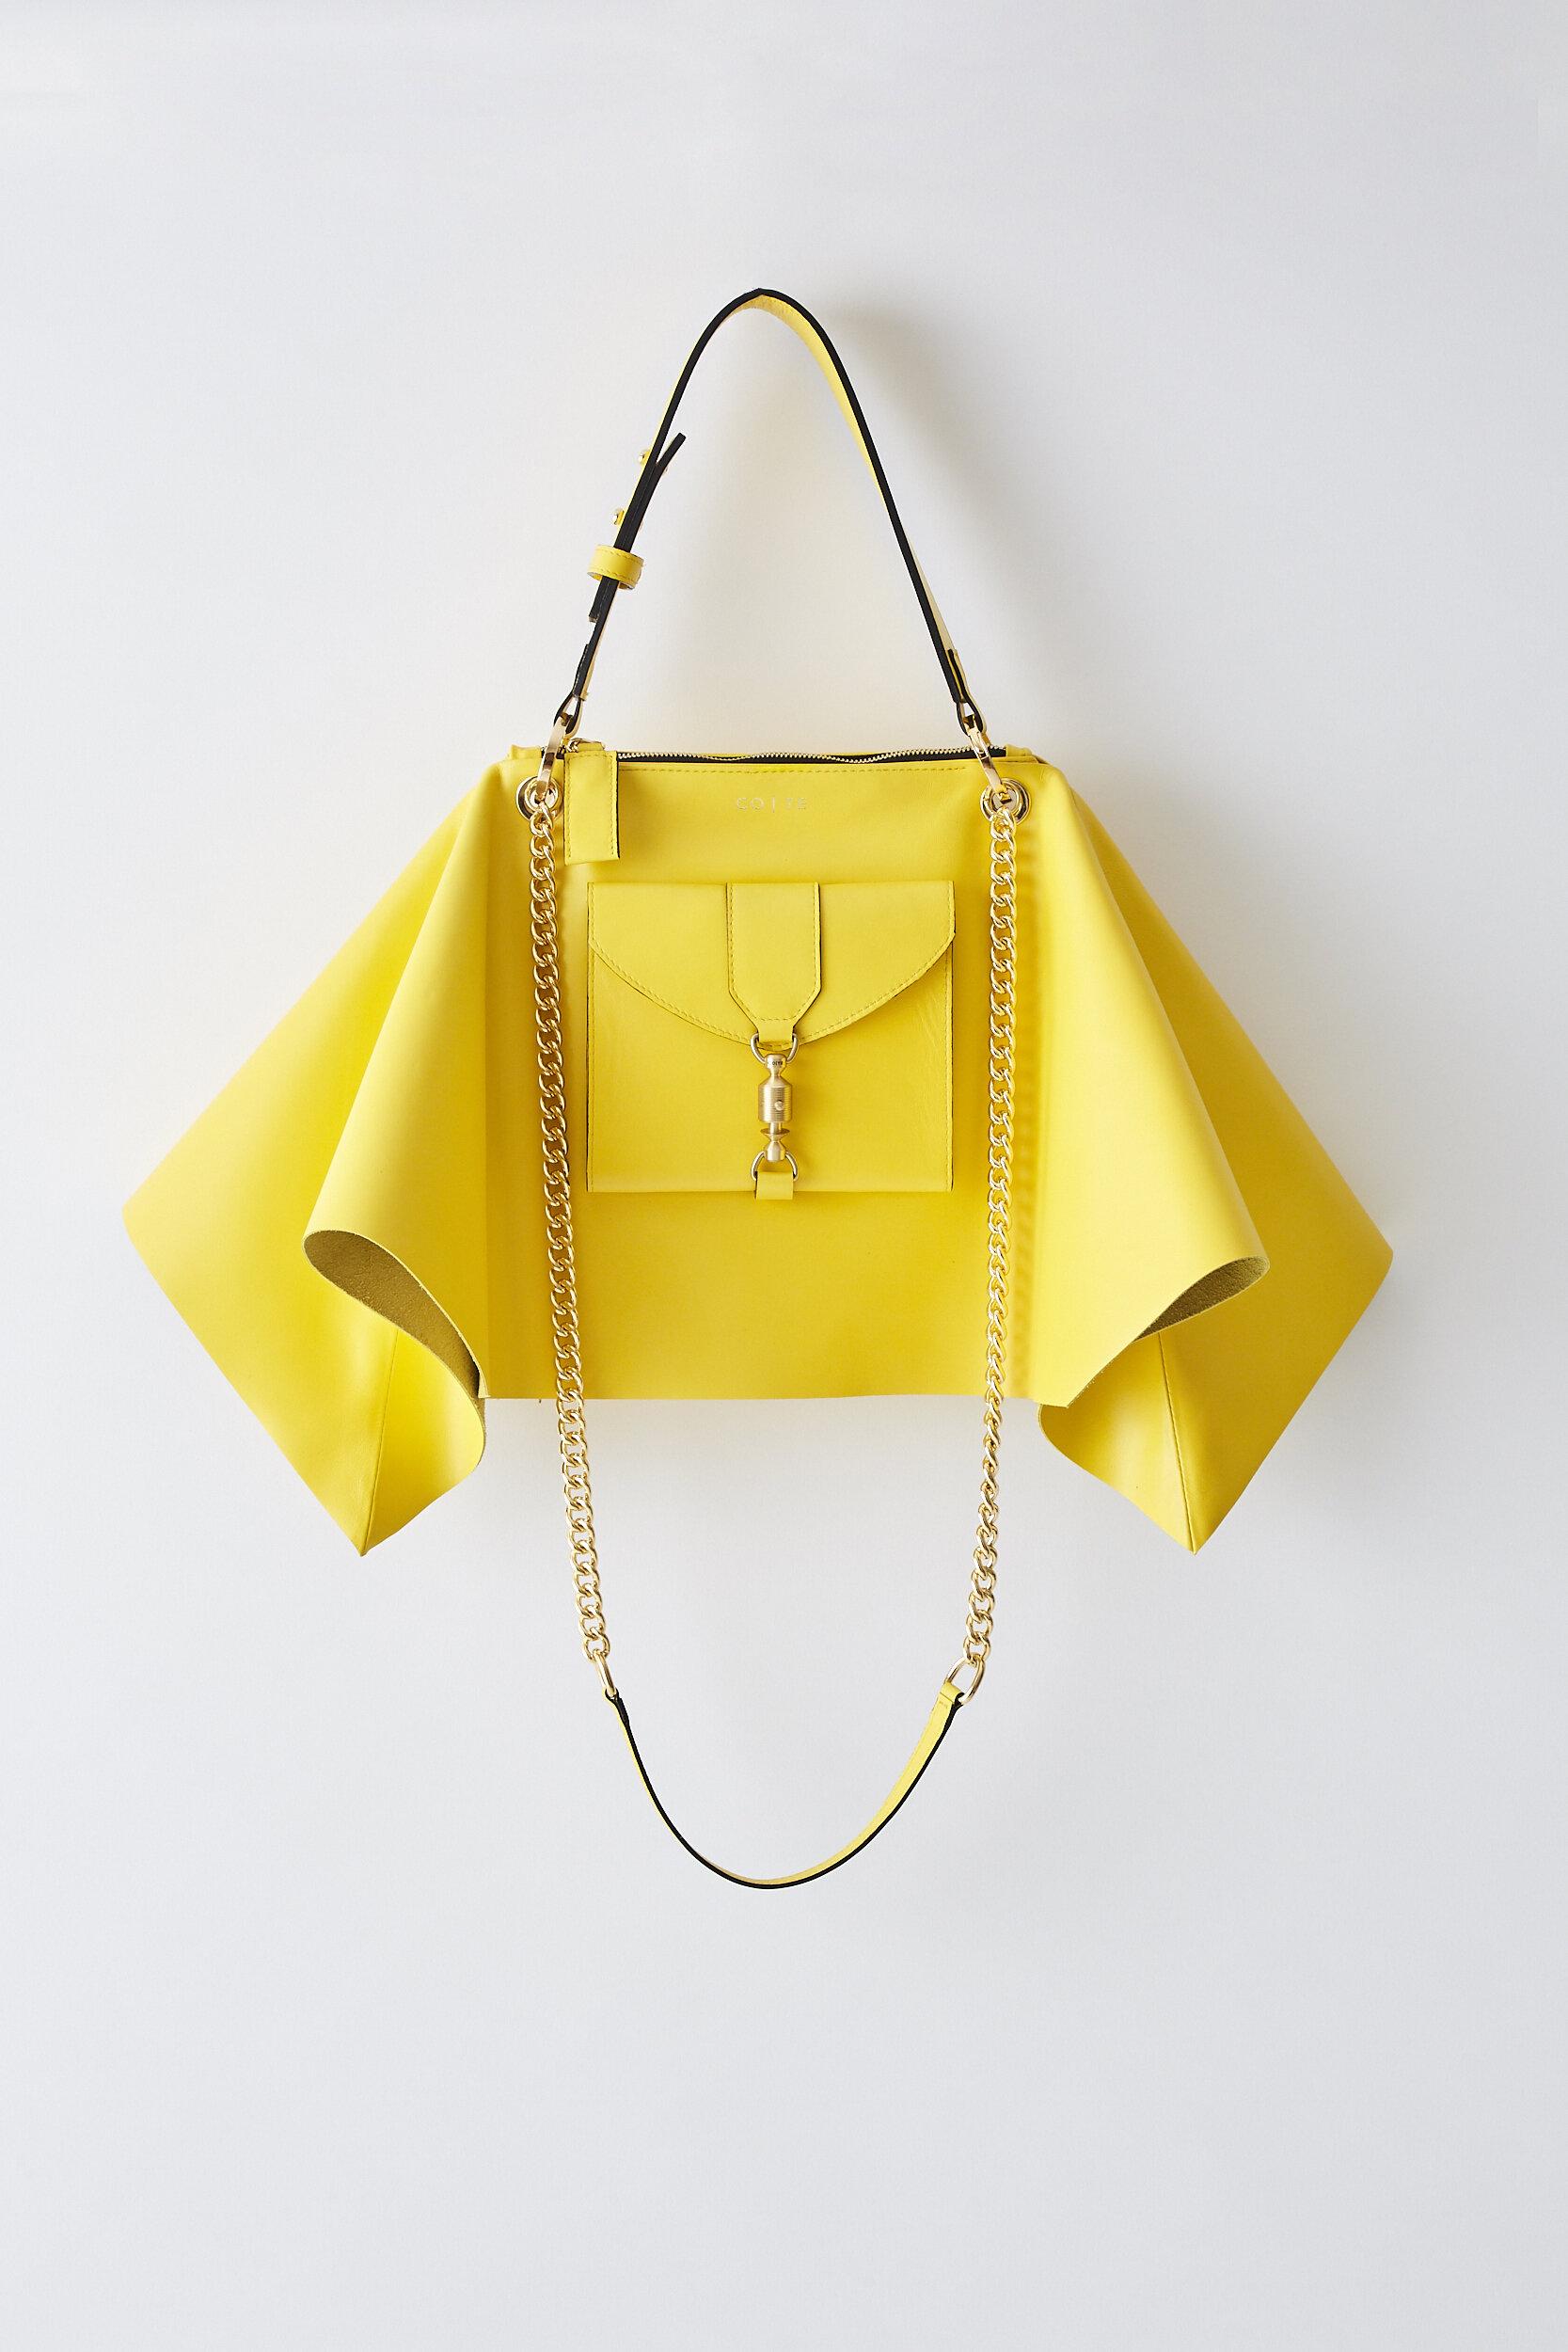 COTE SS2020 Foulard Bag yellow